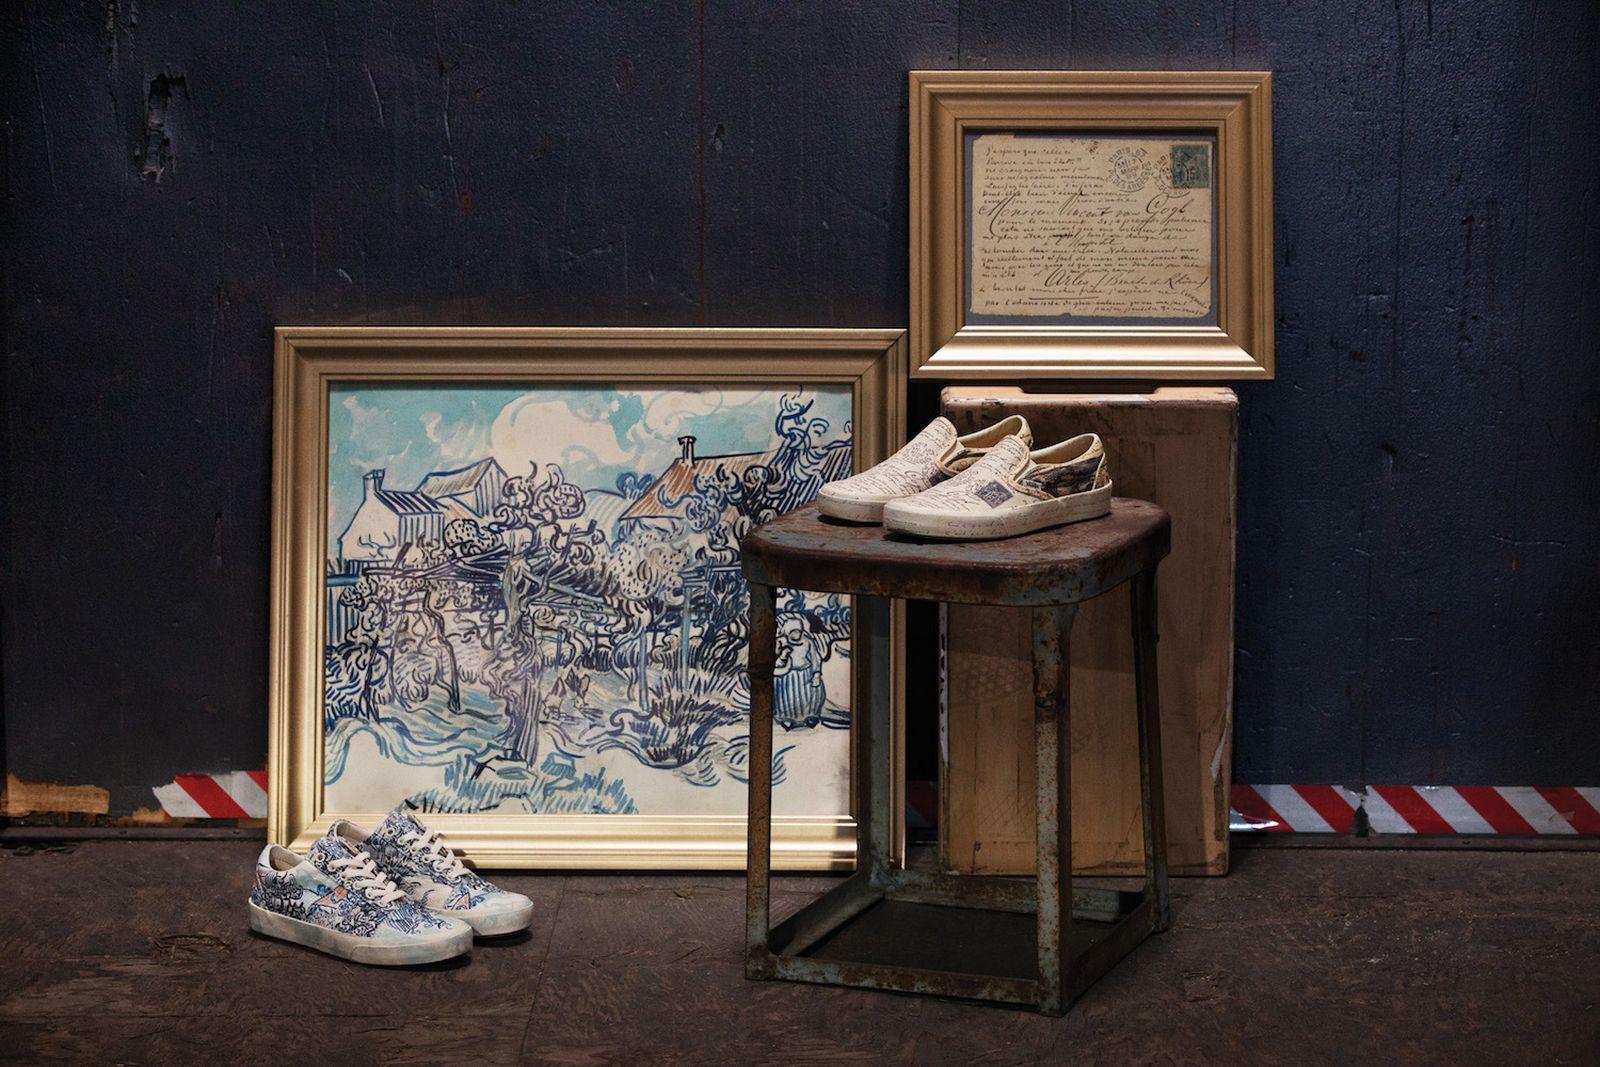 vans van gogh museum capsule release date vincent van gogh